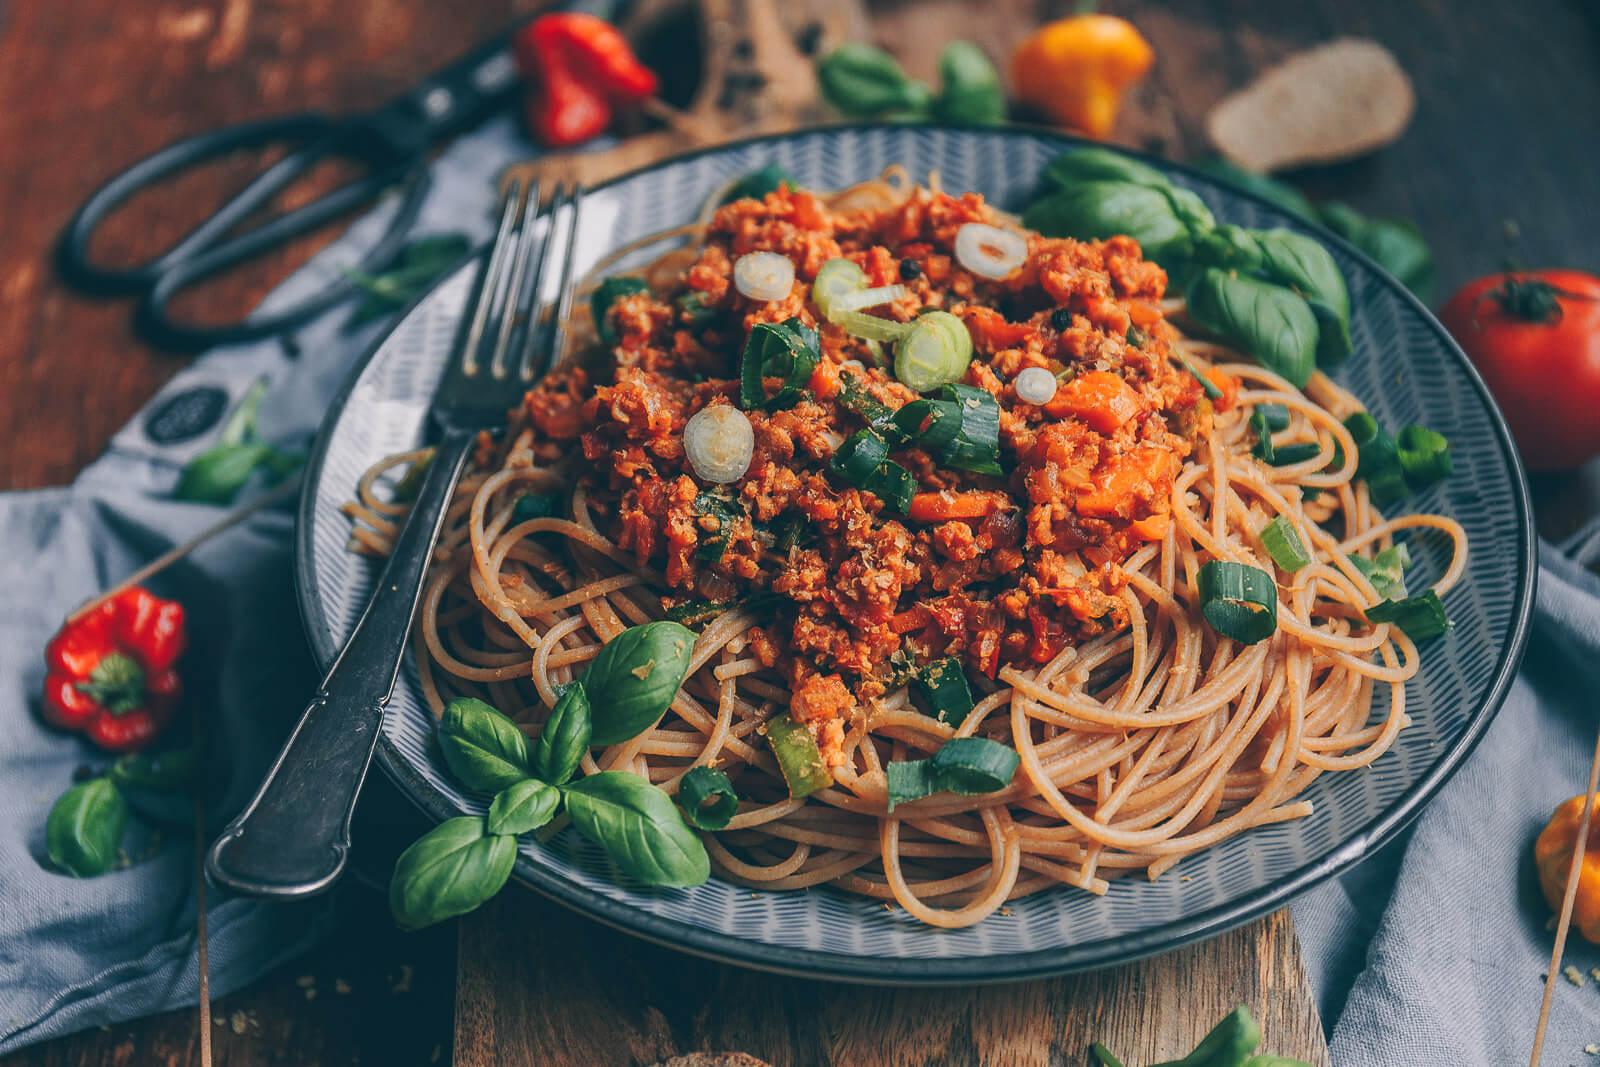 Spaghetti mit Bolognese, Bolognese vegan, Bolo vegan Rezept, vegane Bolognese Rezept, Spaghetti mit veganer Bolognese Rezept, Rezept vegane Nudelsoße, Vegane Rezepte, veganer Blog